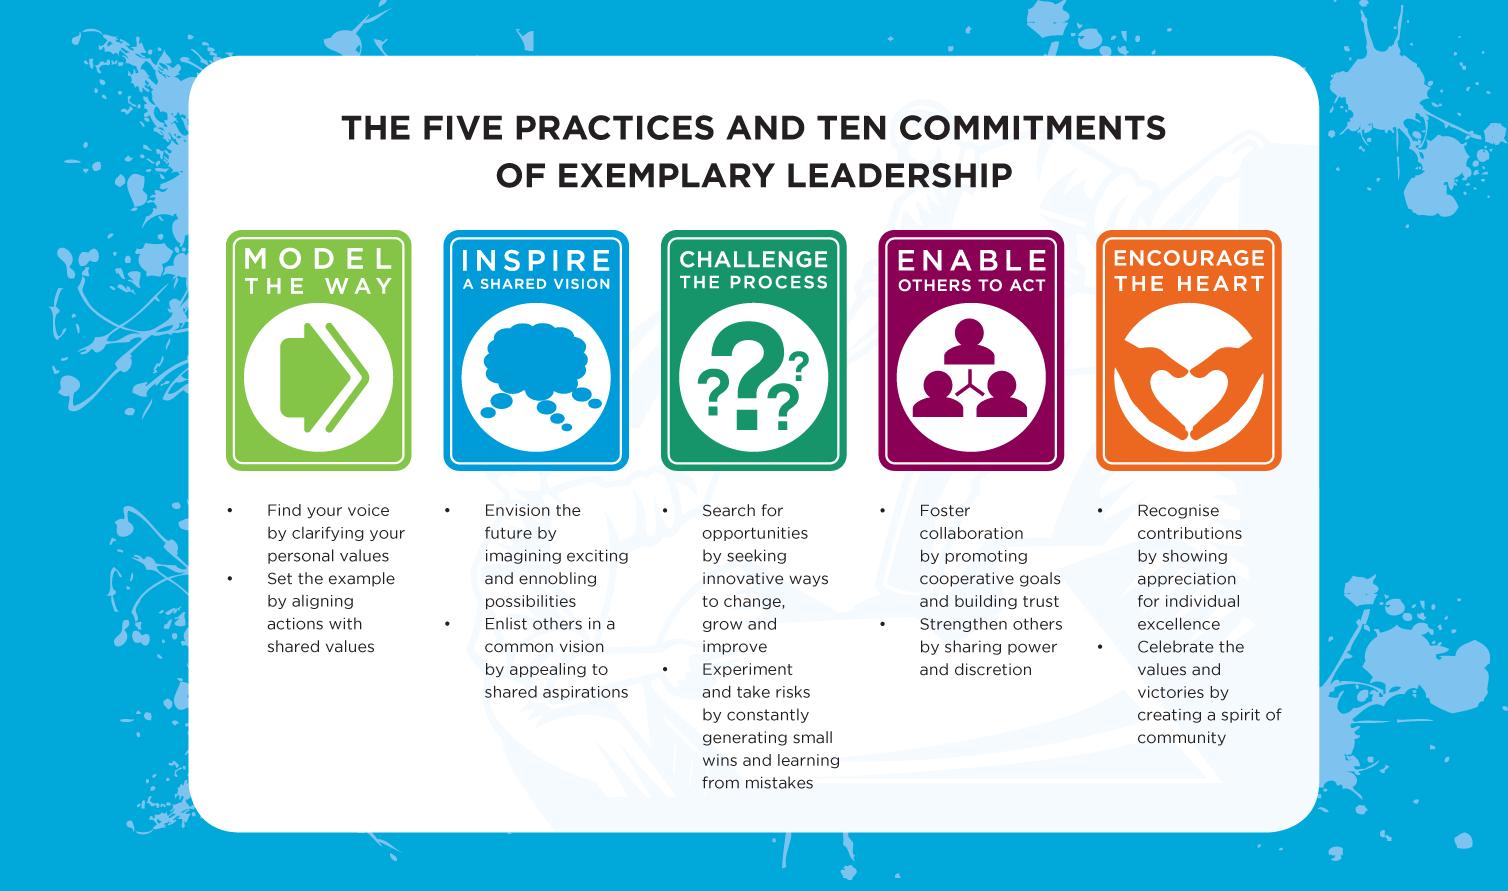 essay on an exemplary leader